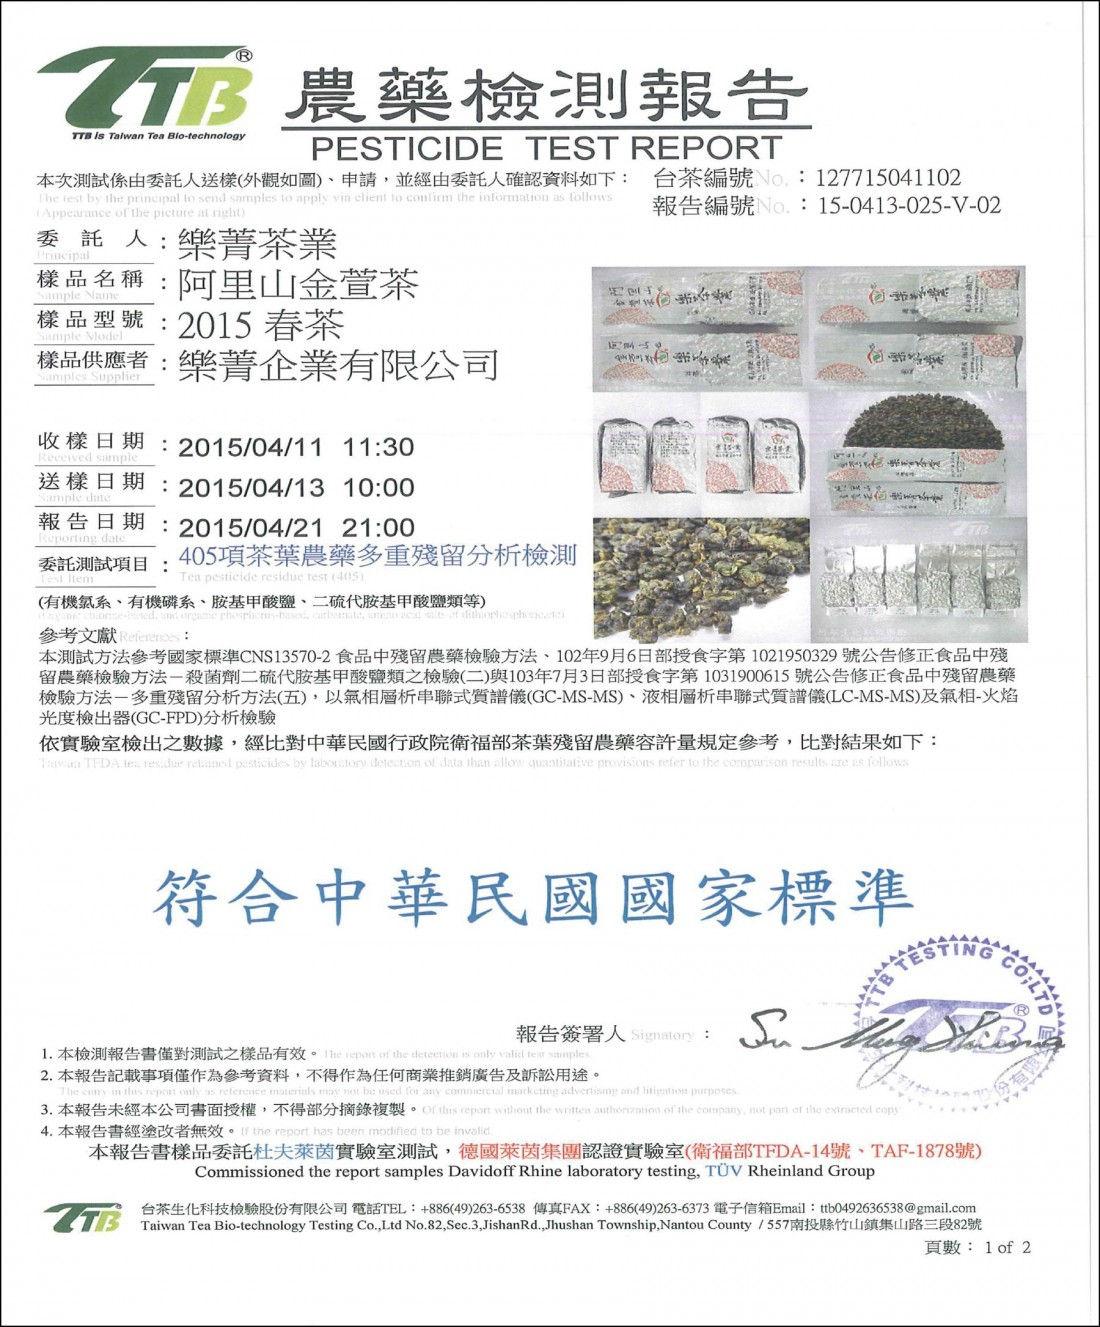 阿里山金萱茶-茶葉農藥殘留檢驗合格報告